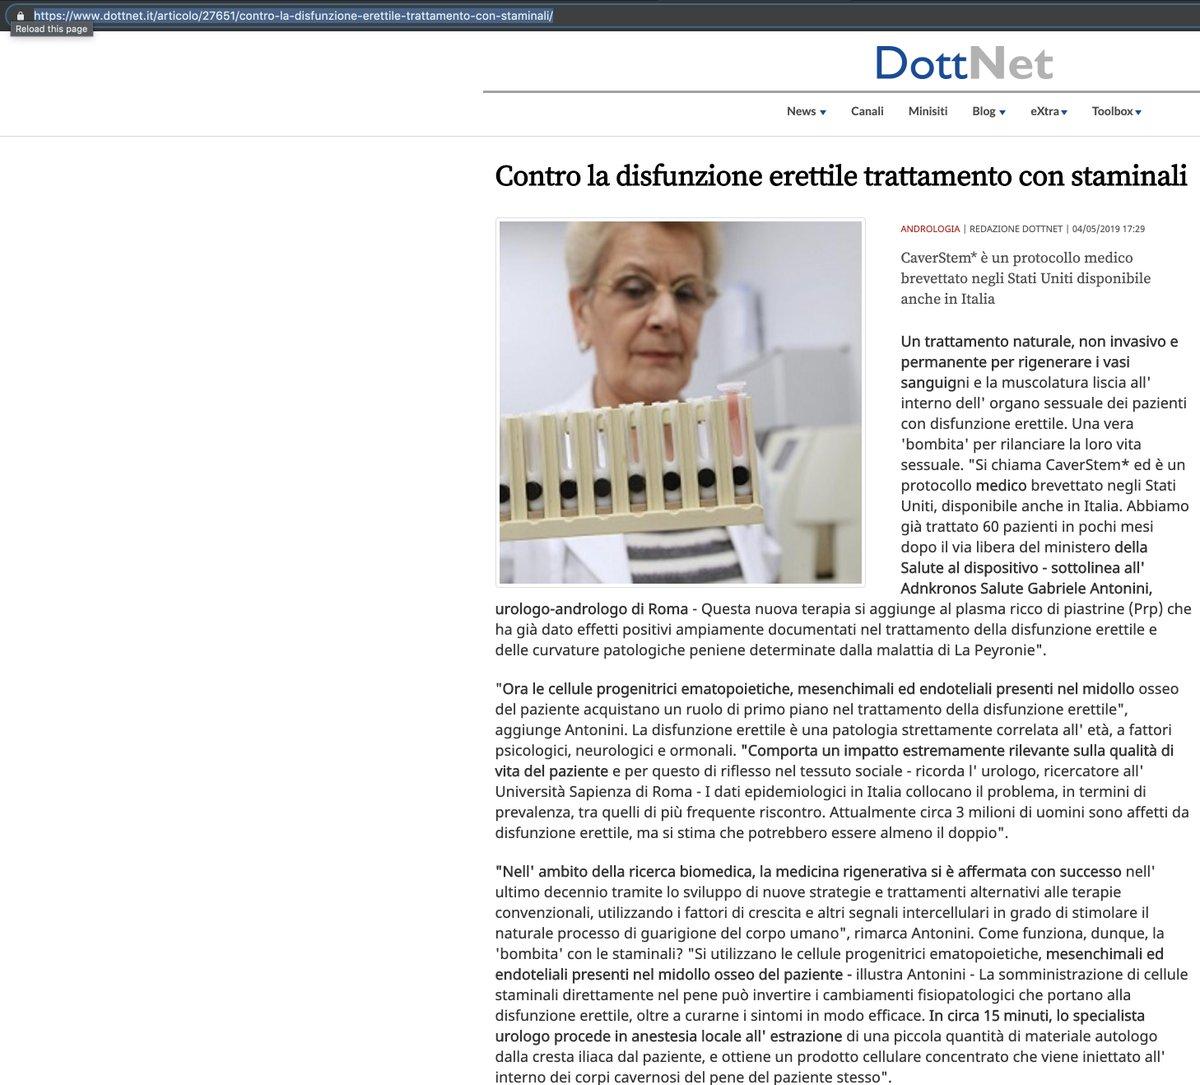 dr oz trattamento disfunzione erettile